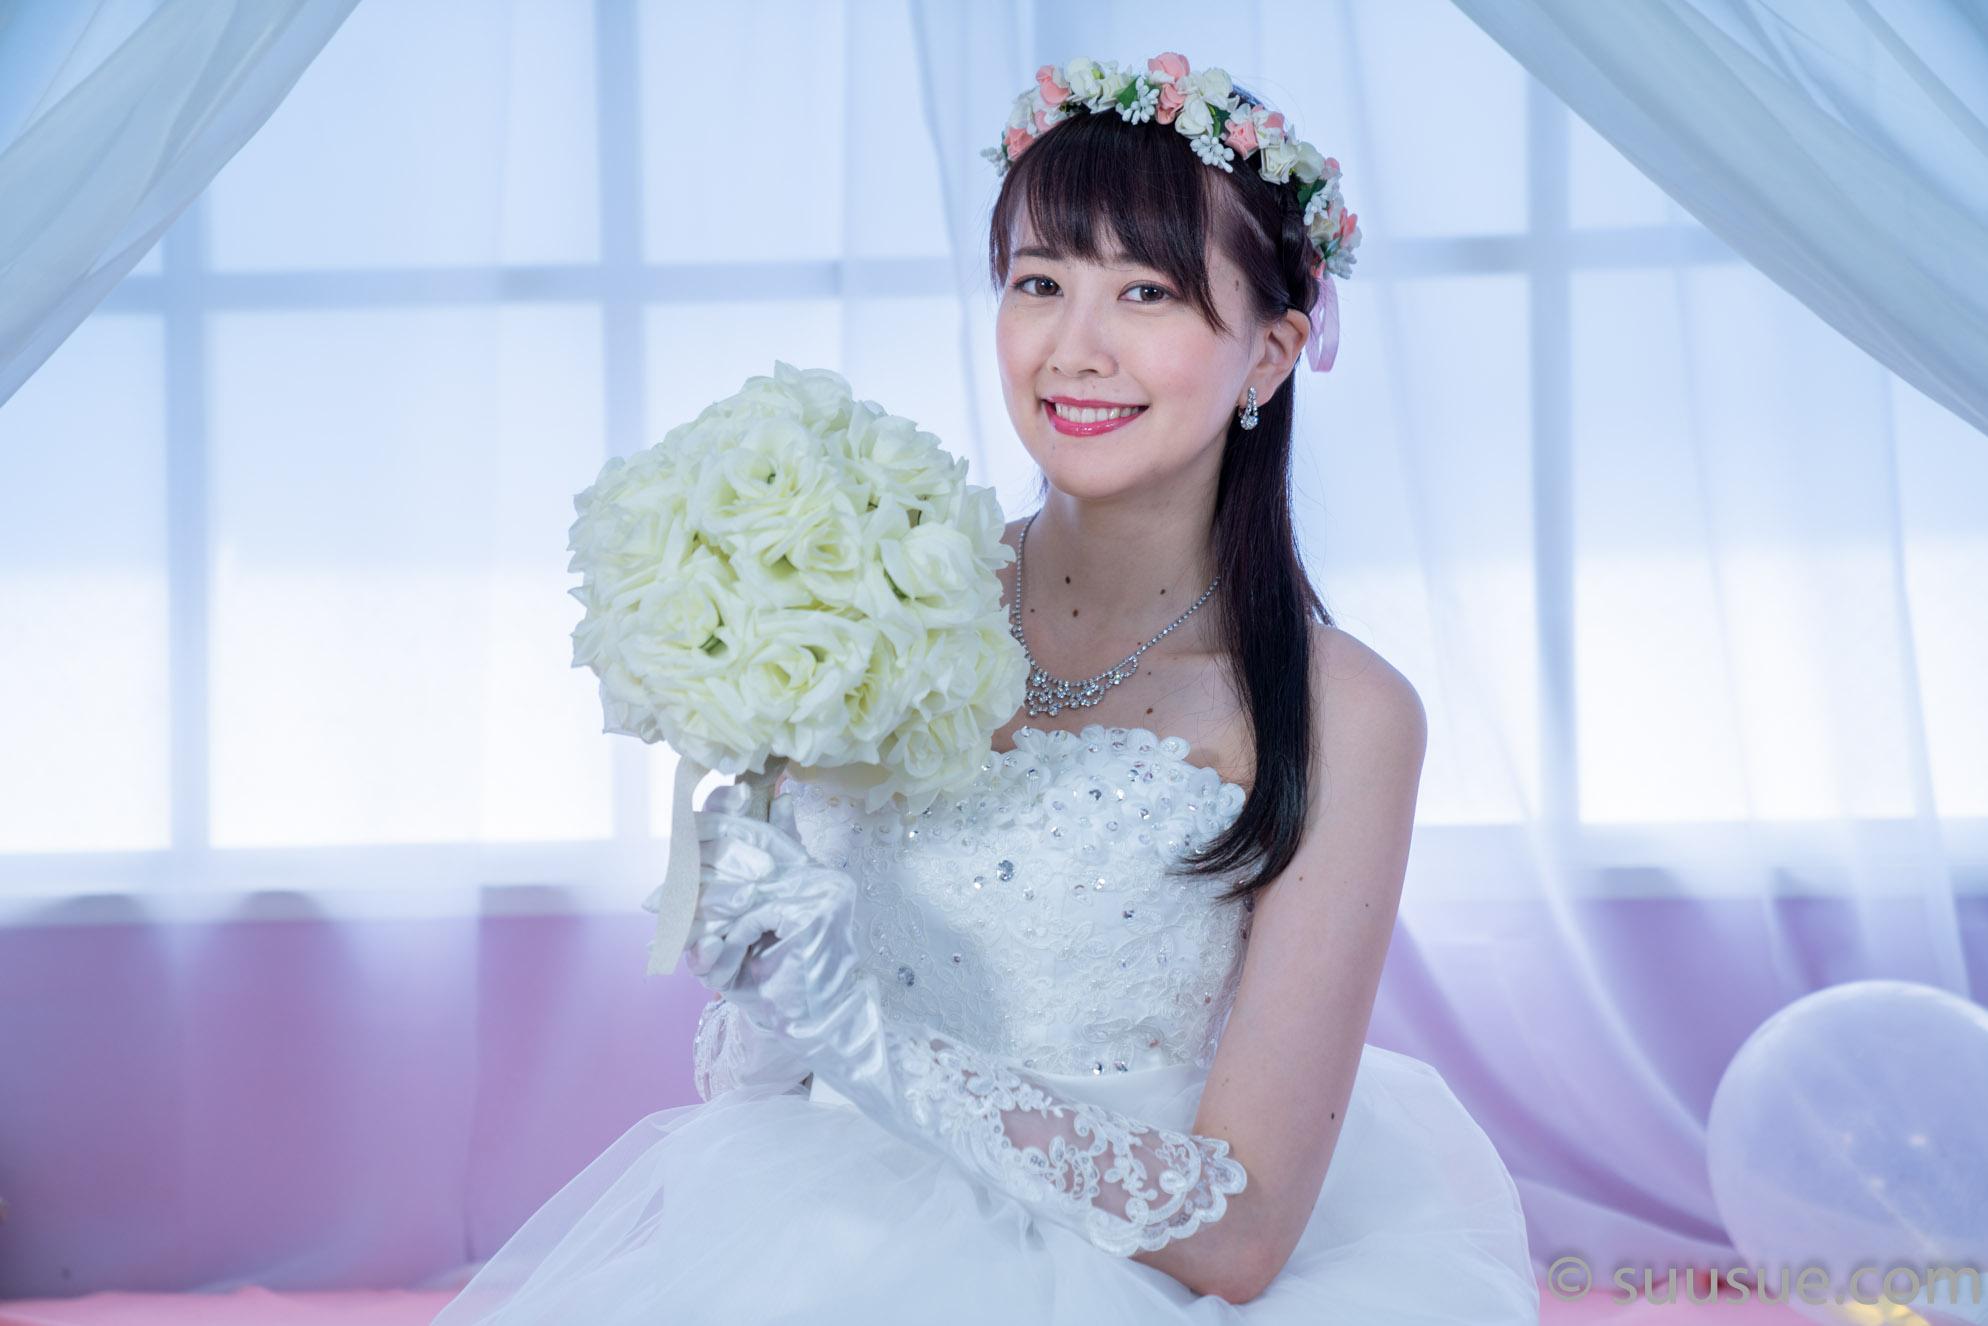 瀬谷ひかる 2019/06/16 NewType撮影会 スタジオサイドセブン